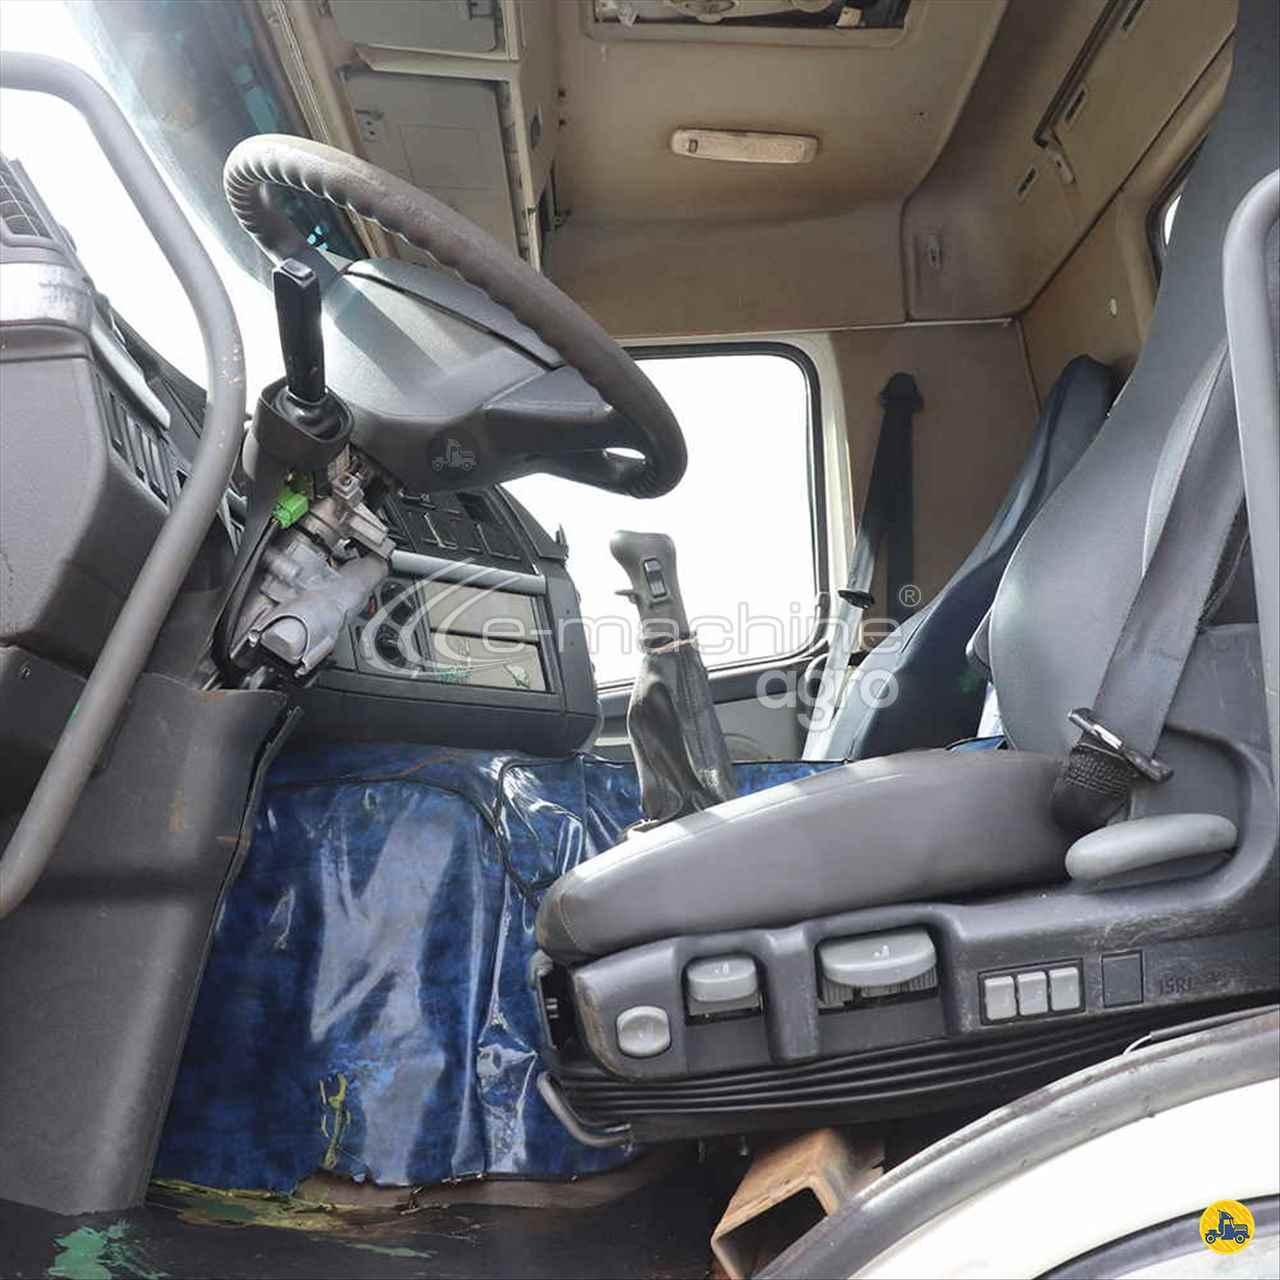 VOLVO VOLVO FH 480 28491900km 2010/2010 E-Machine